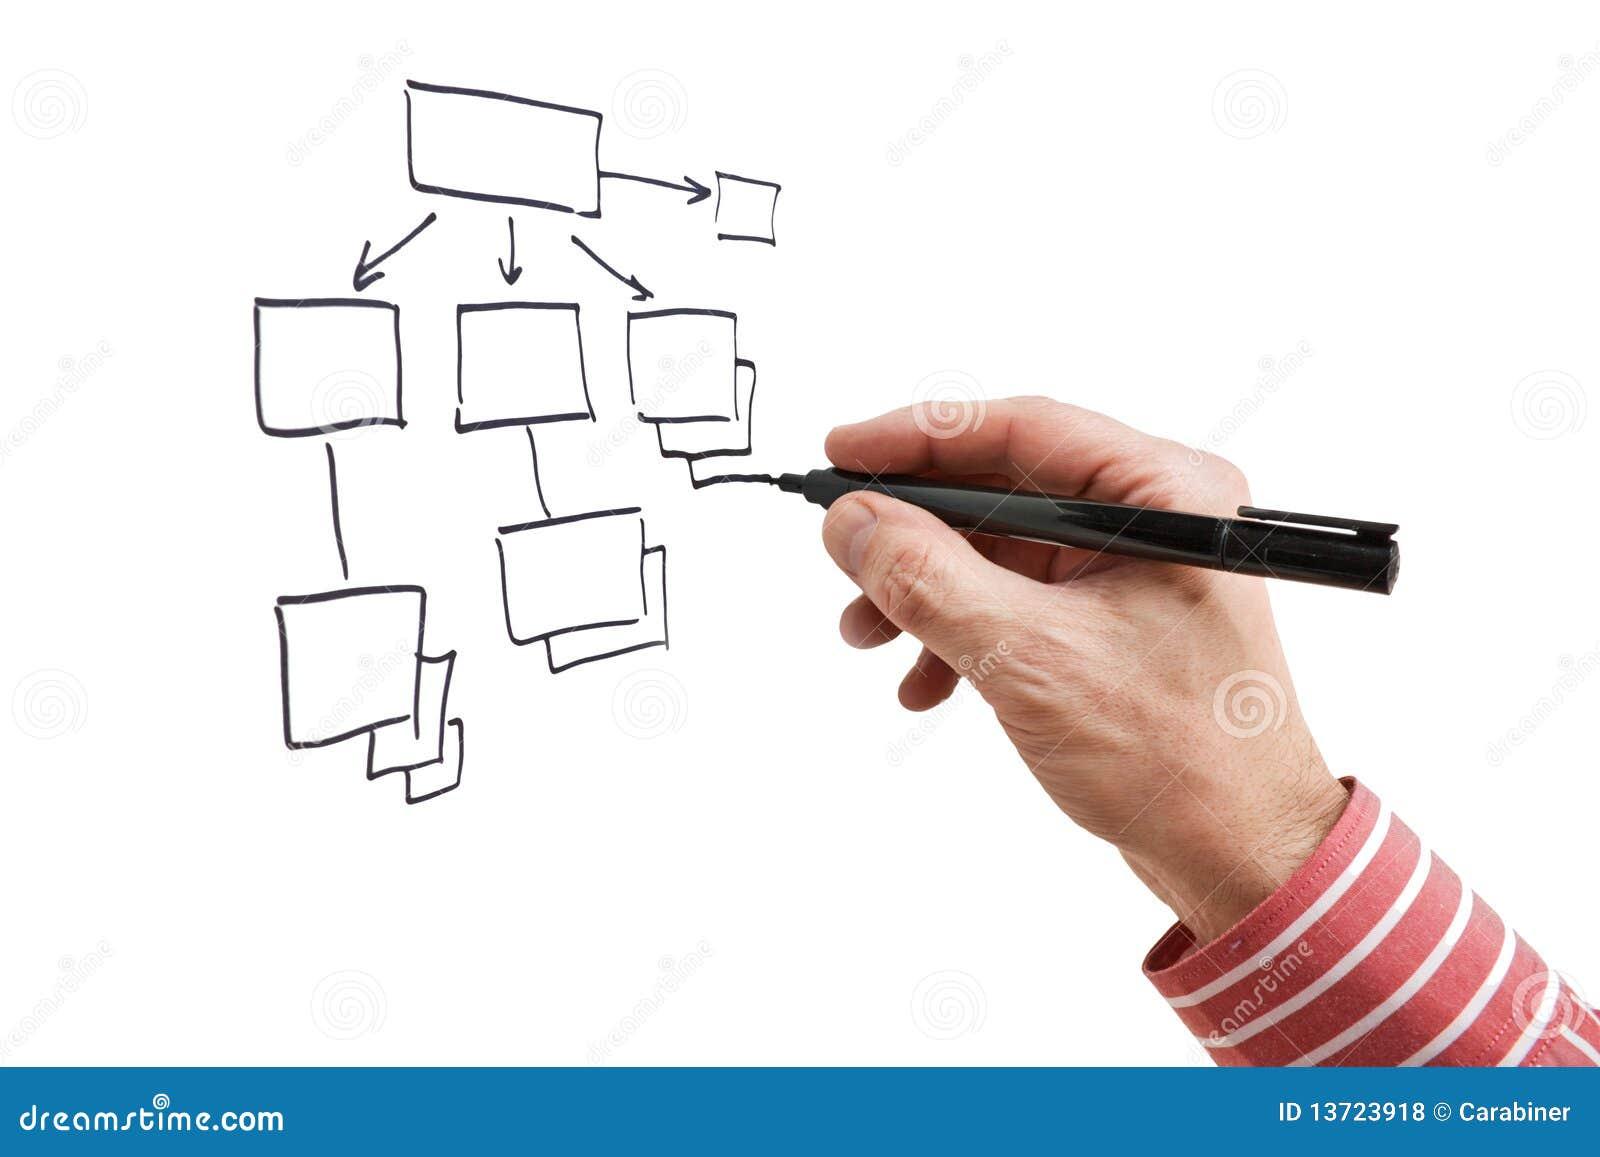 胳膊结构图画标记图片